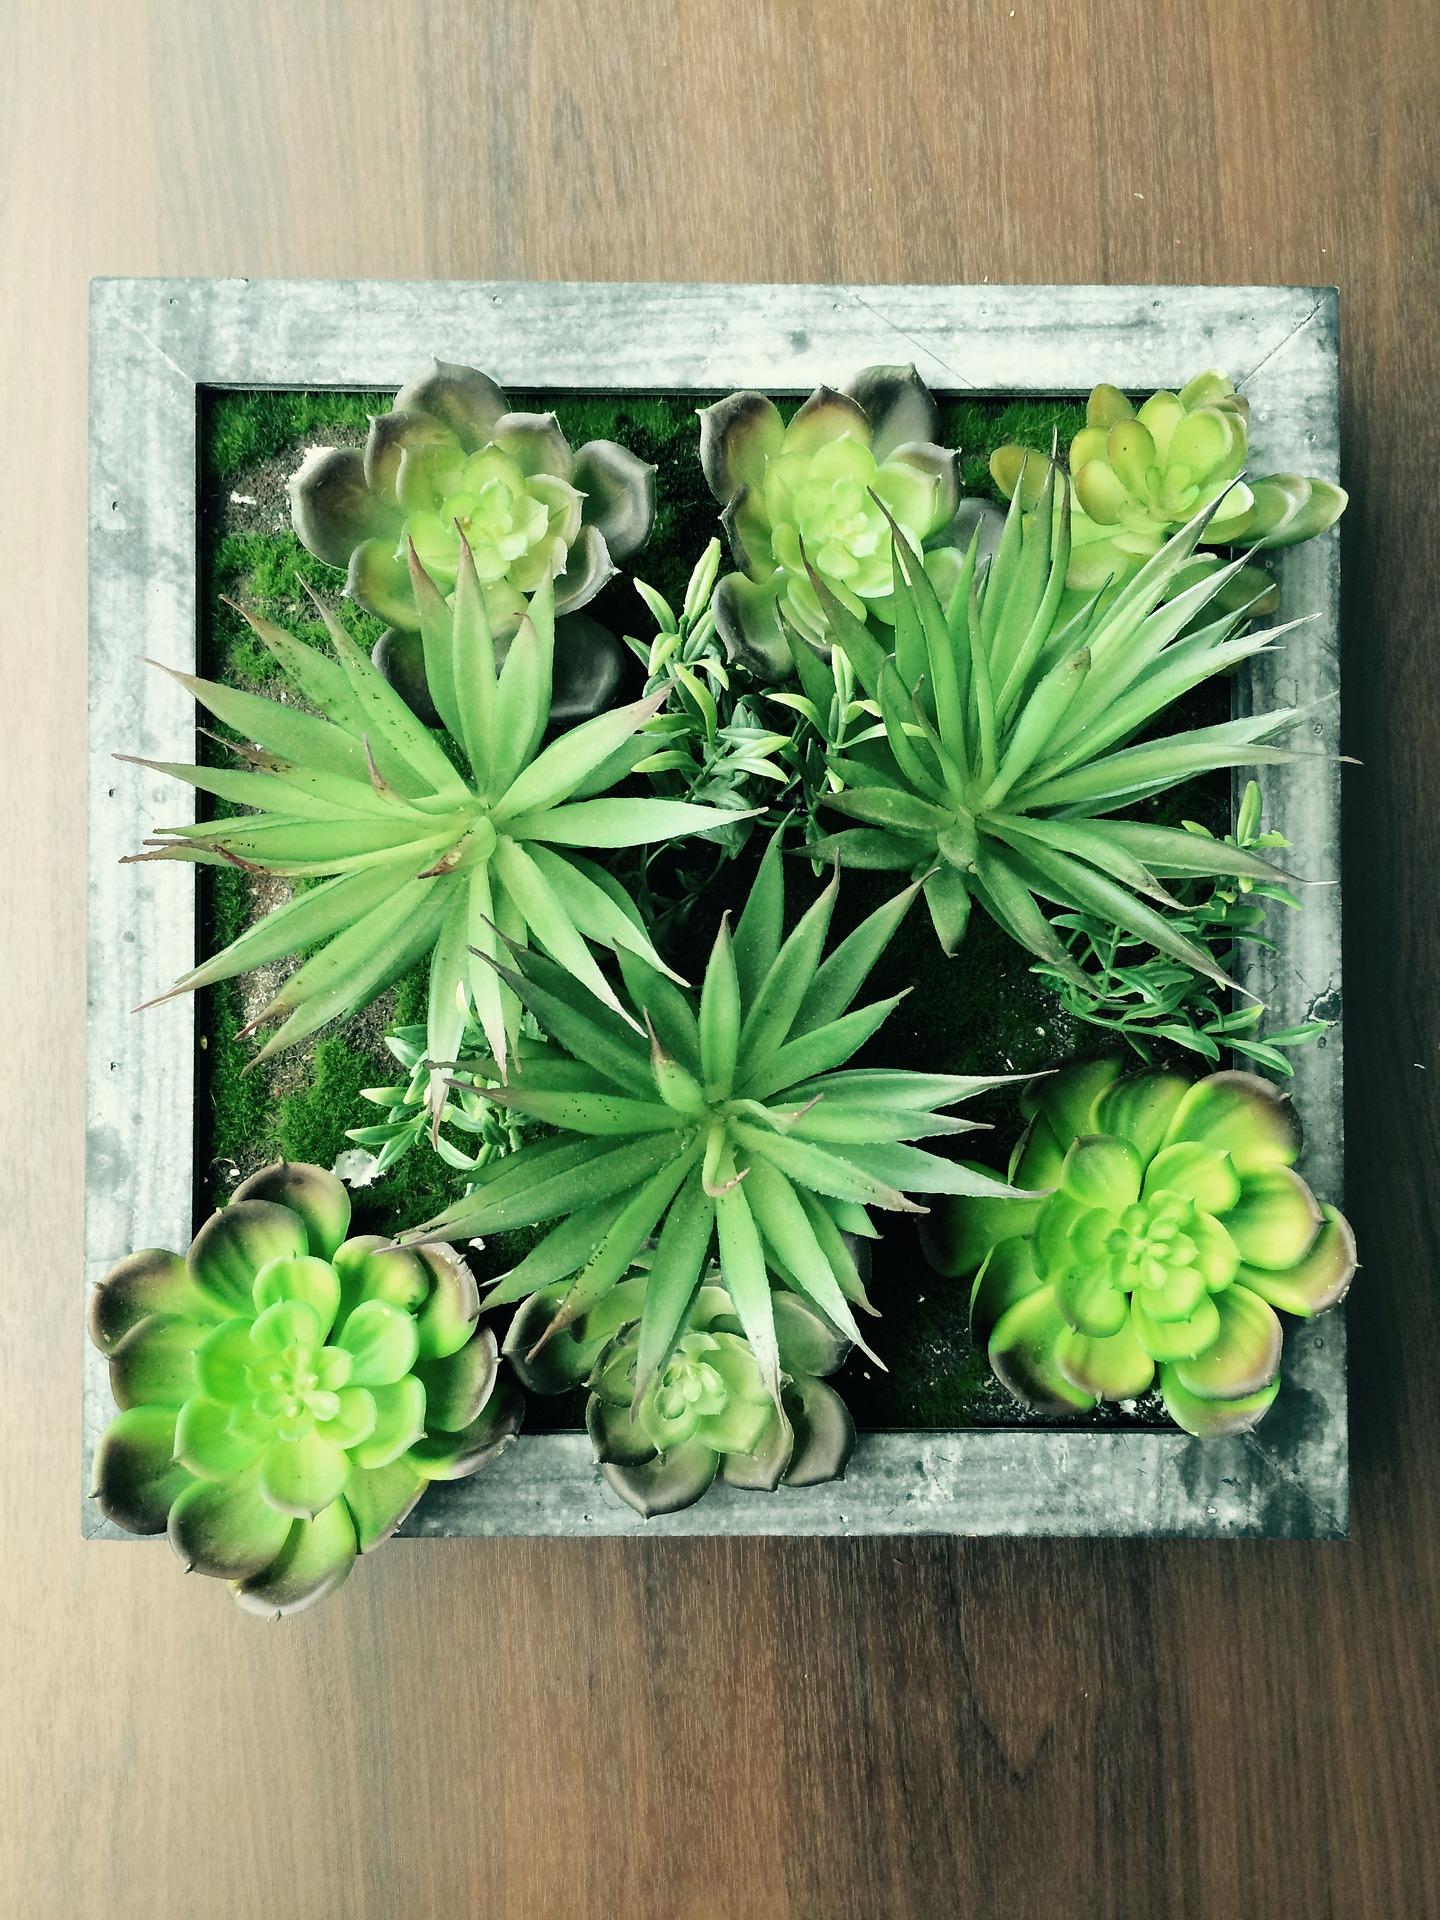 plantas suculentas verdes